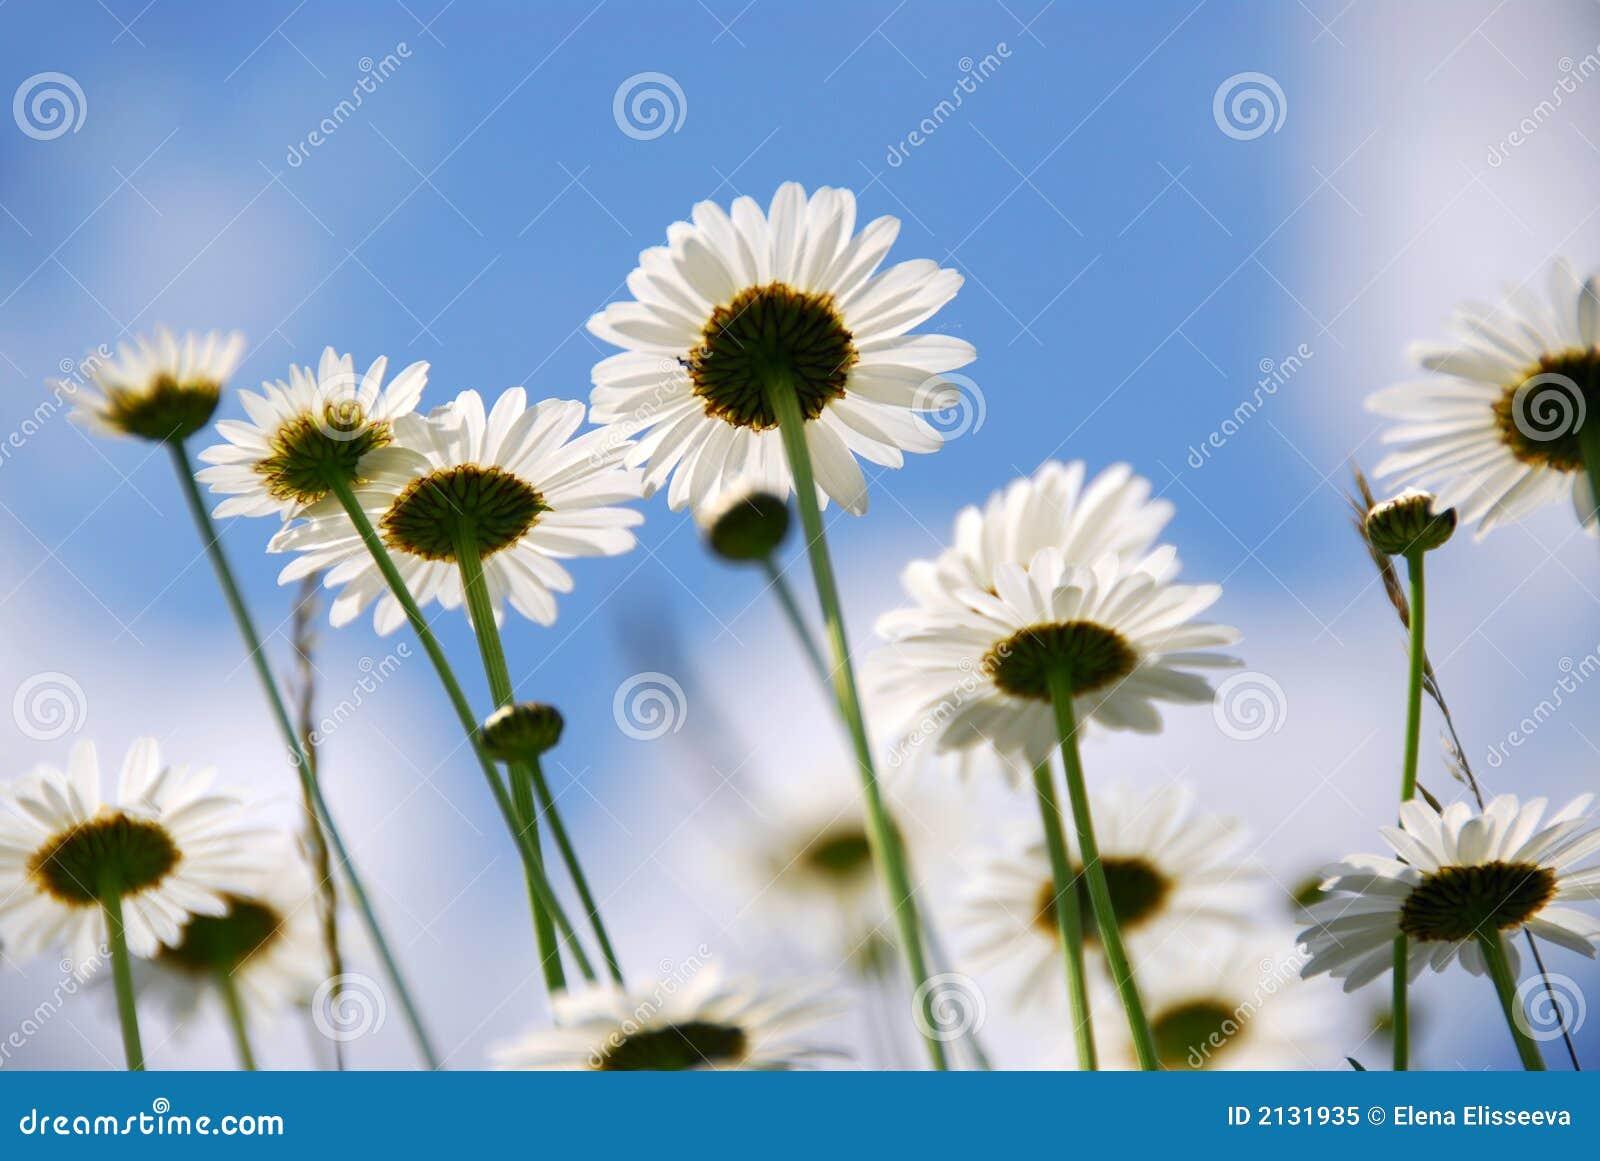 Weiße Gänseblümchen